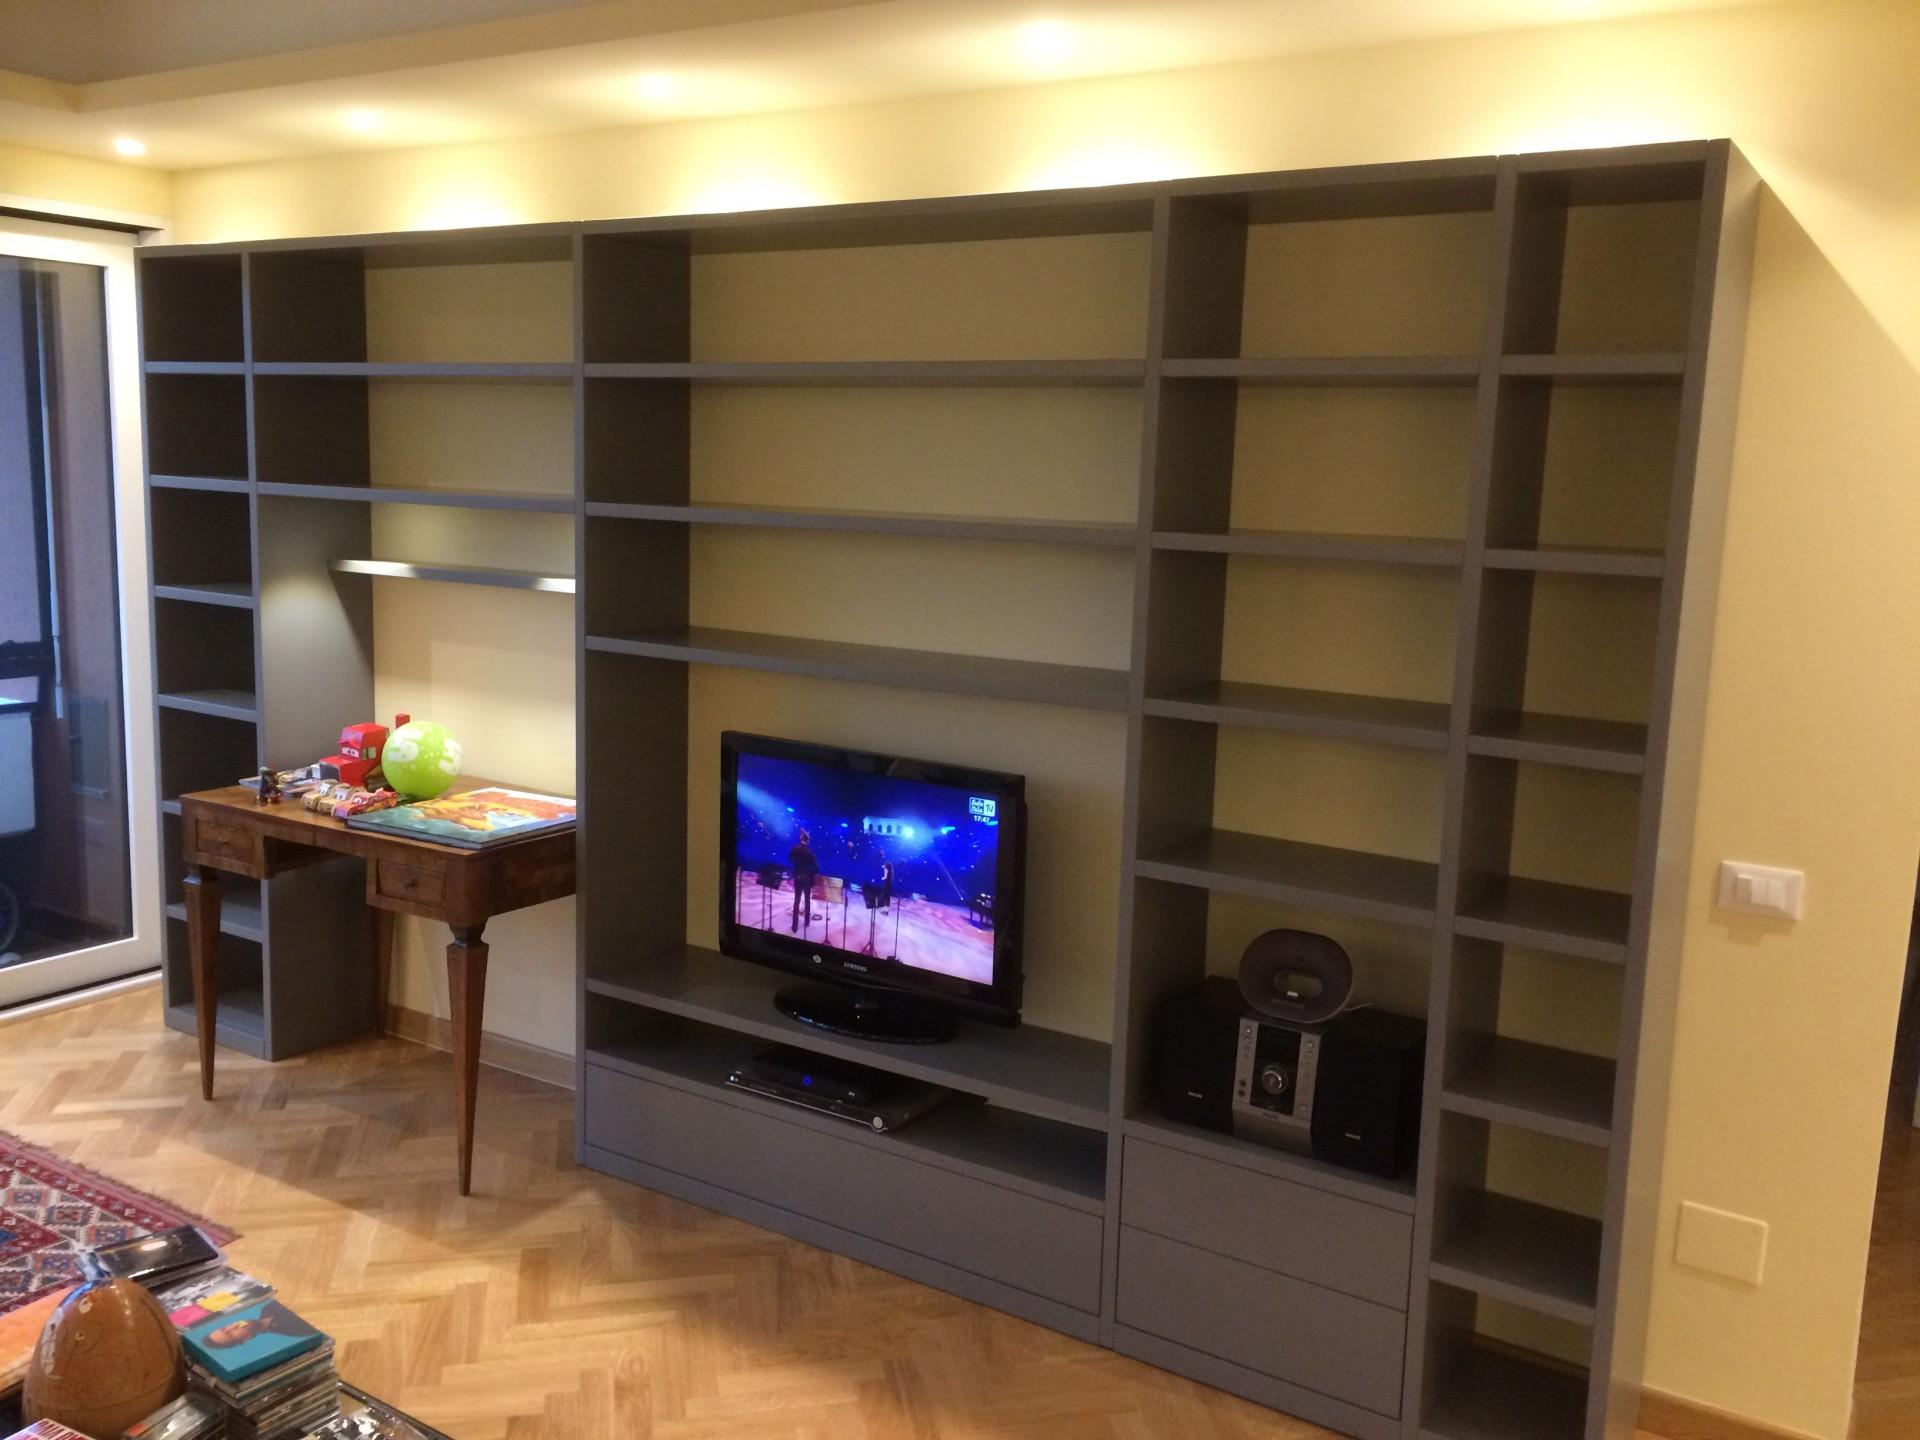 Libreria in legno laccato su misura.